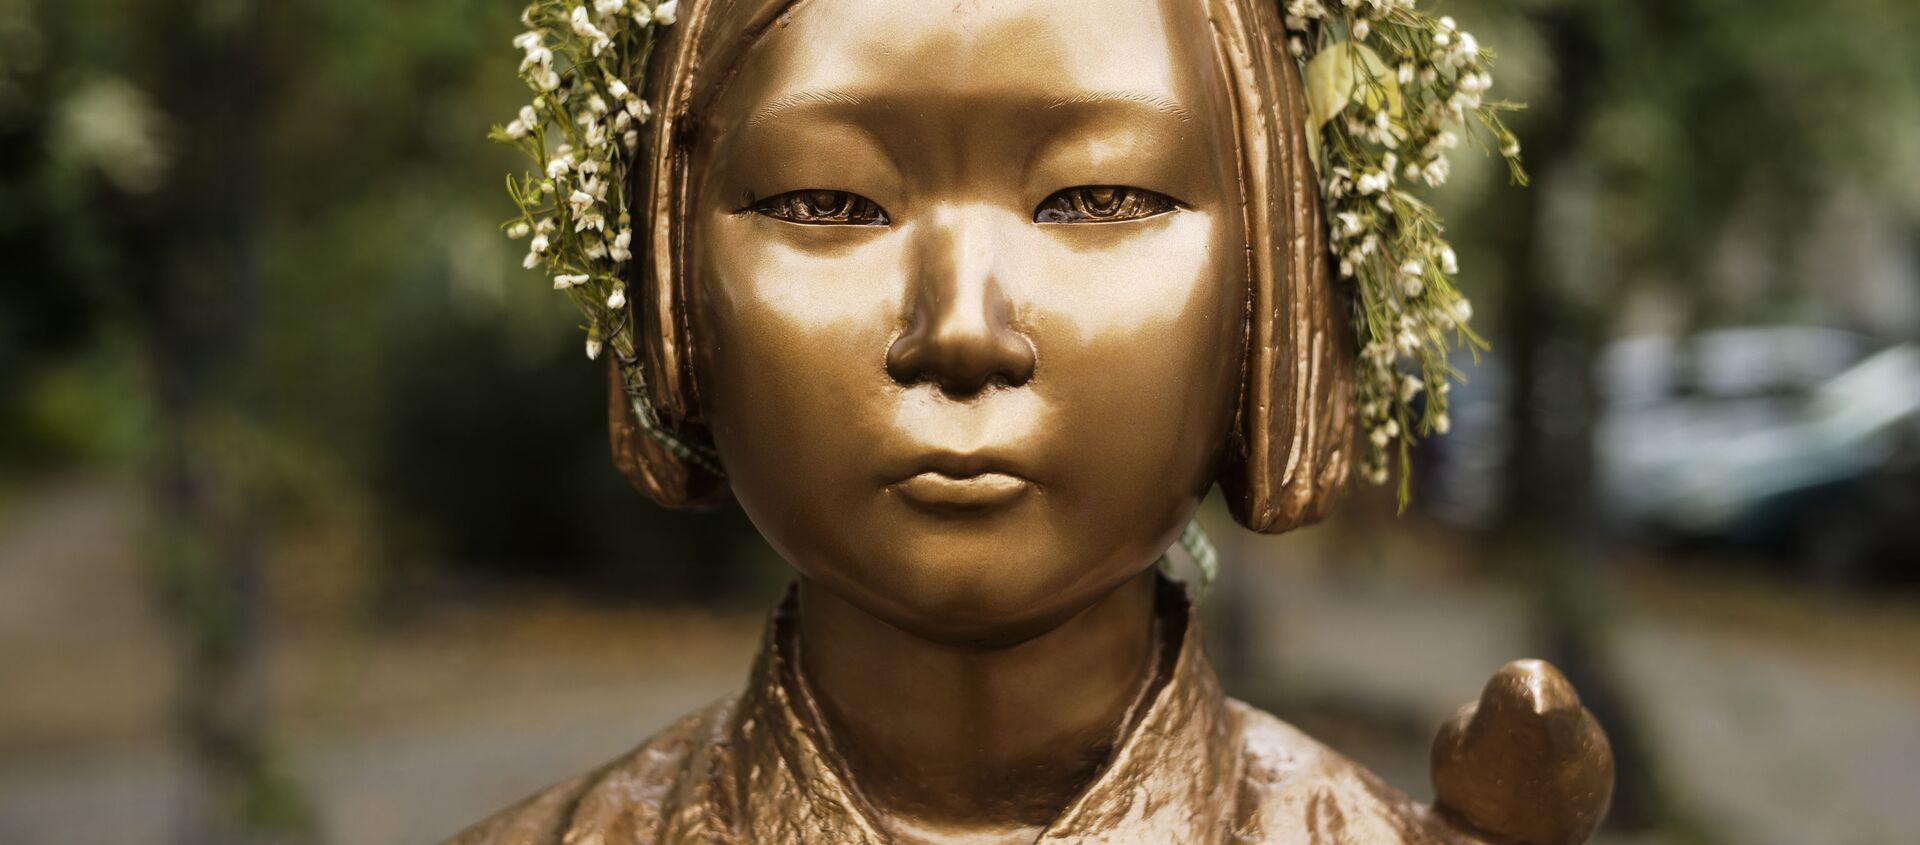 Tượng đài kỷ niệm Phụ nữ mua vui ở trung tâm Berlin, Đức. - Sputnik Việt Nam, 1920, 10.01.2021